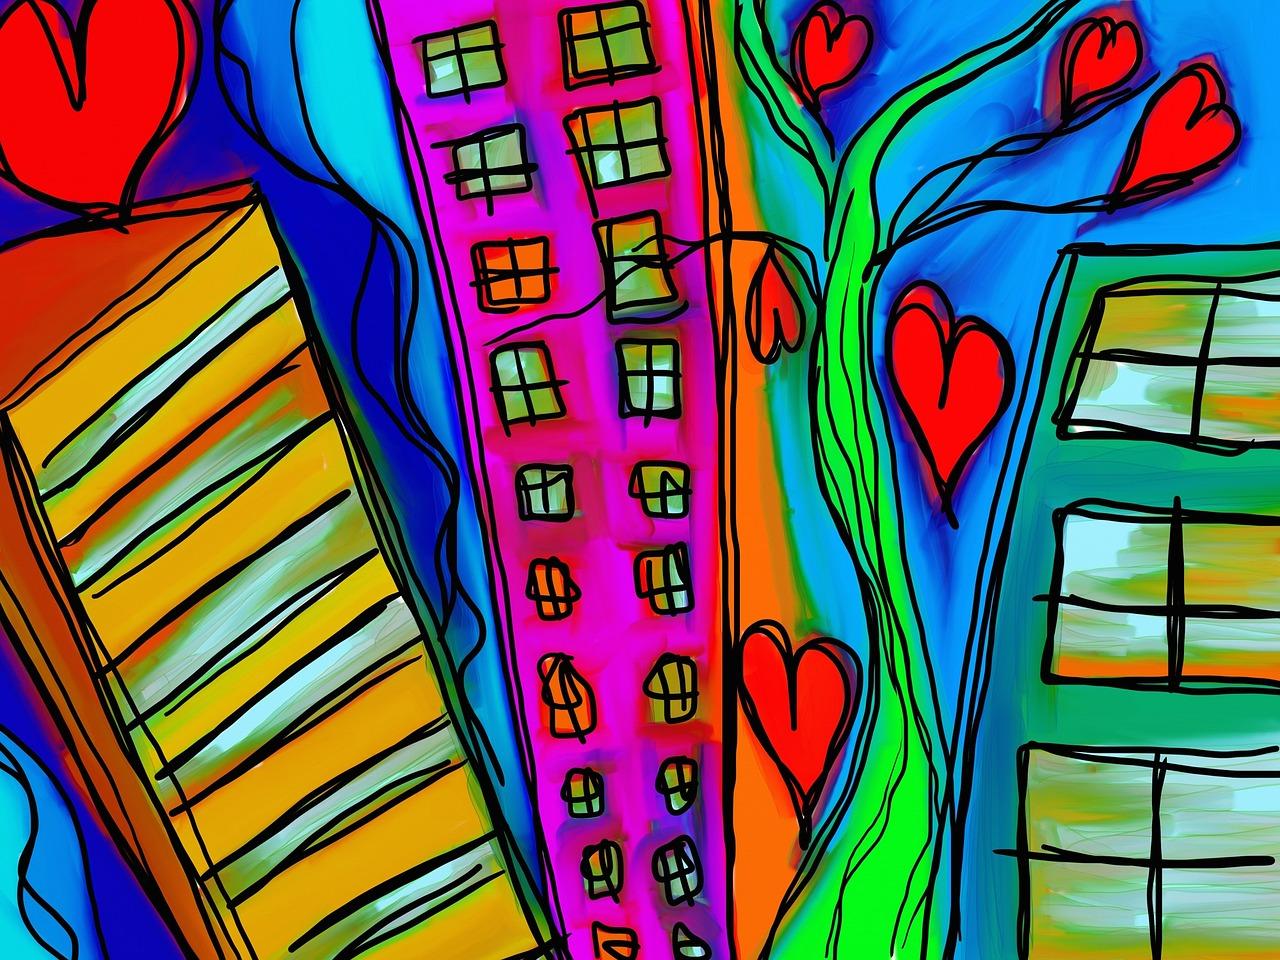 buildings-1066406_1280.jpg